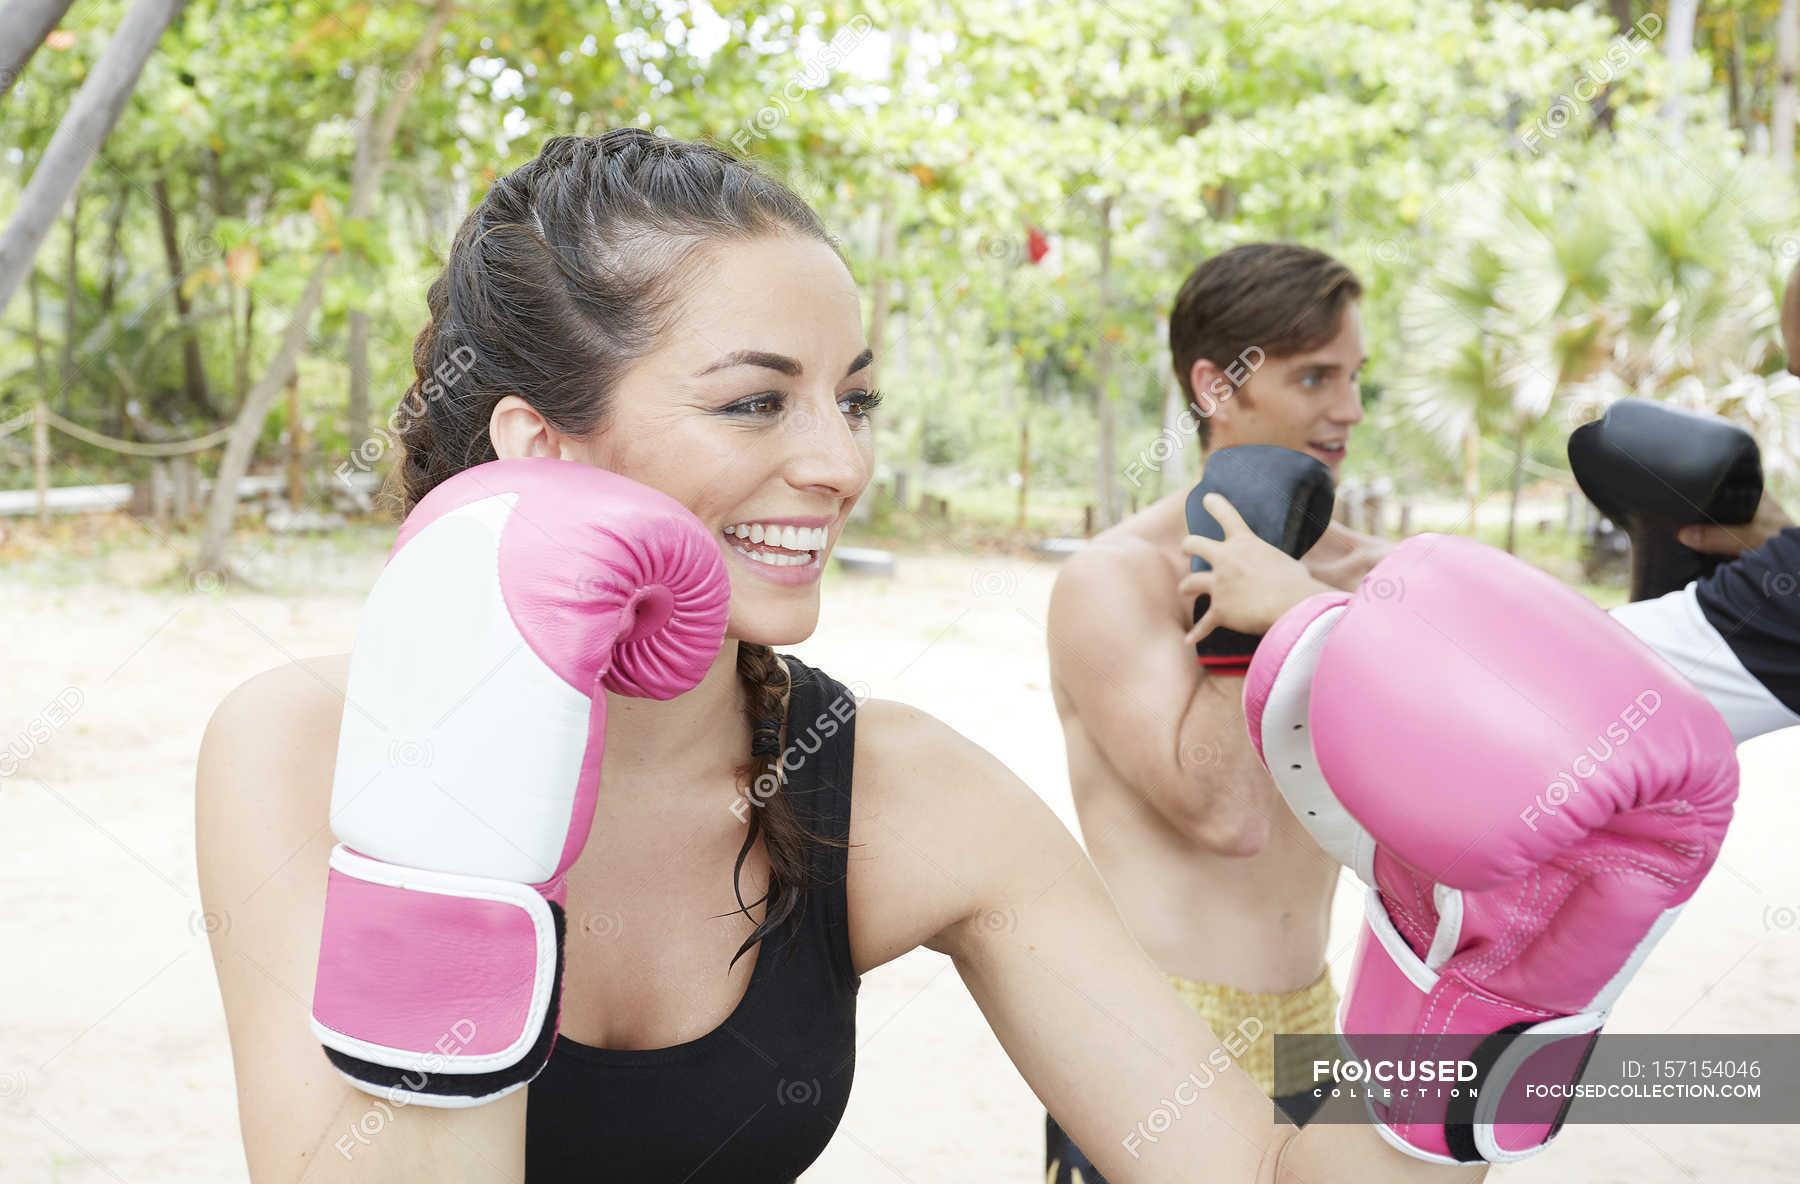 Woman ko vs man Freakshow fight